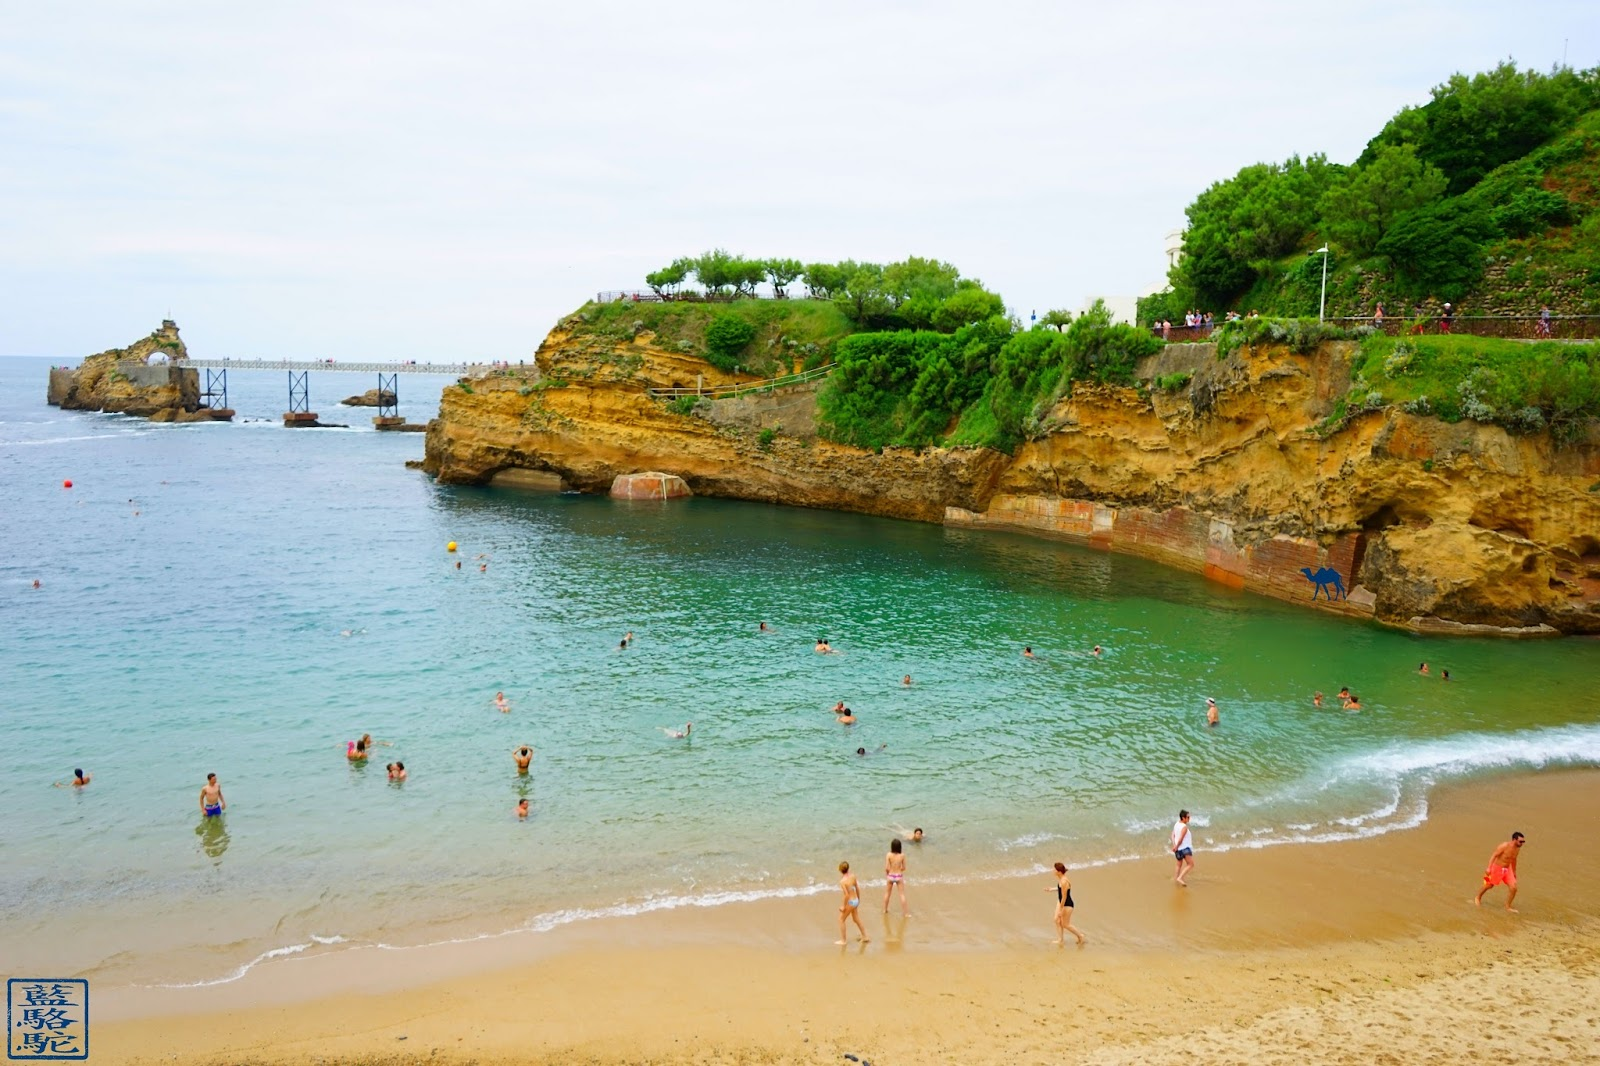 Le Chameau Bleu - La Plage du Port-Vieux - Biarritz BAB